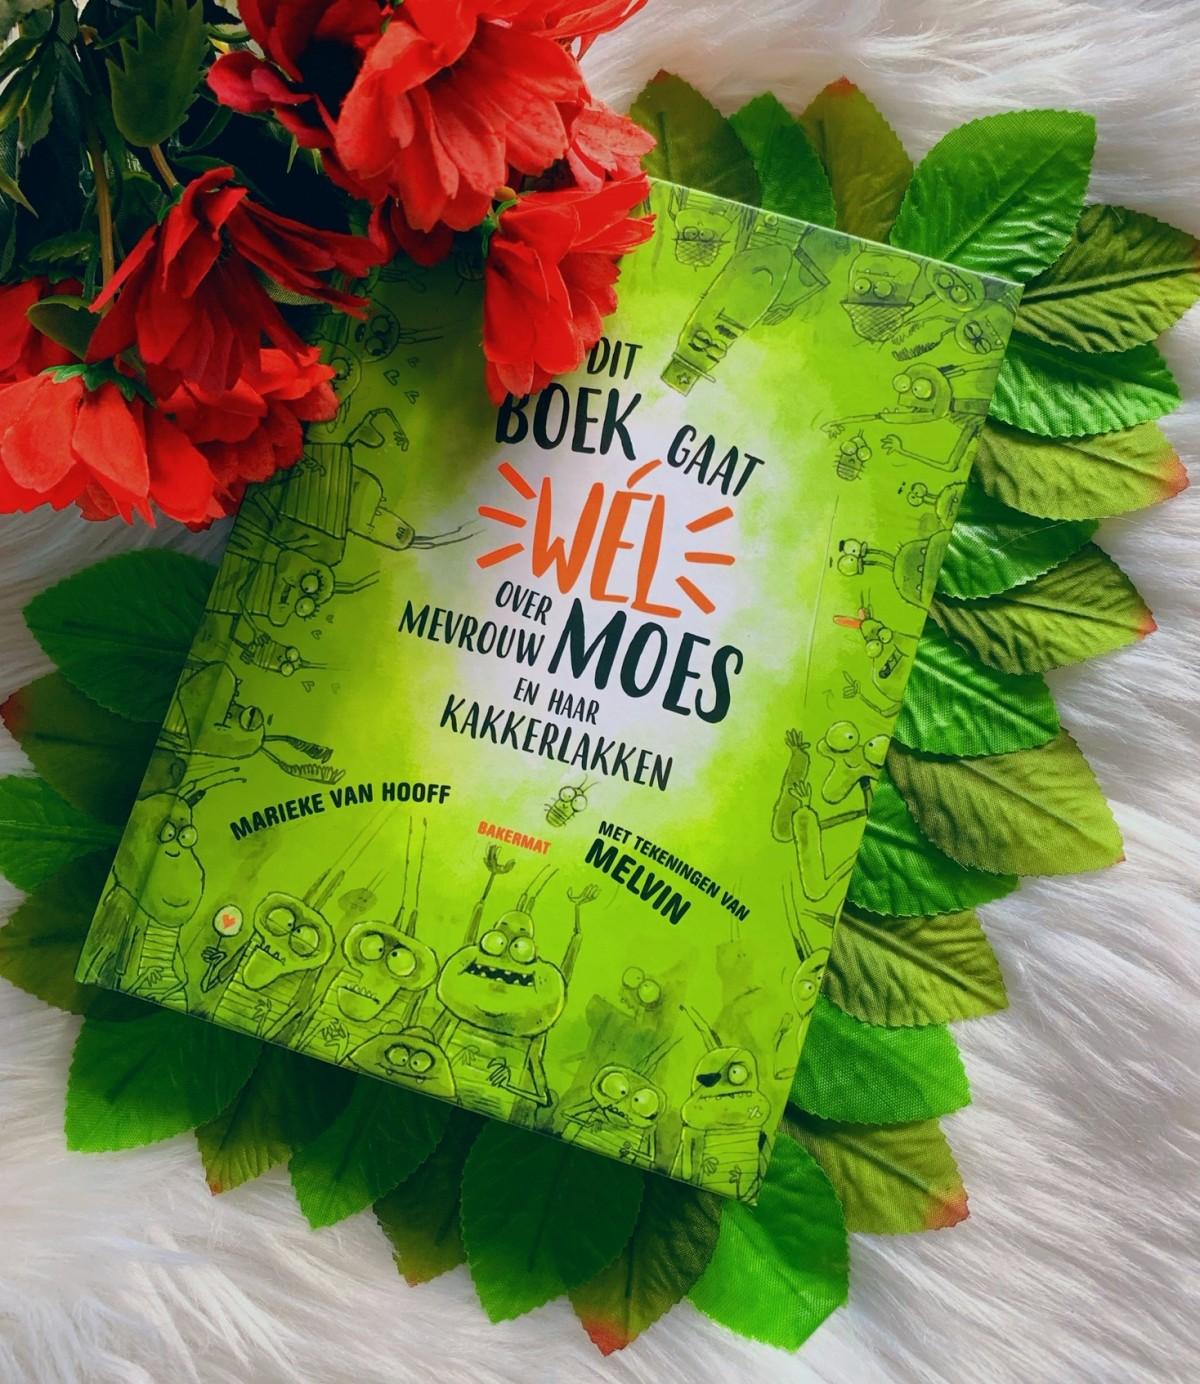 Dit boek gaat wel over mevrouw Moes en haar kakkerlakken – Marieke vanHooff